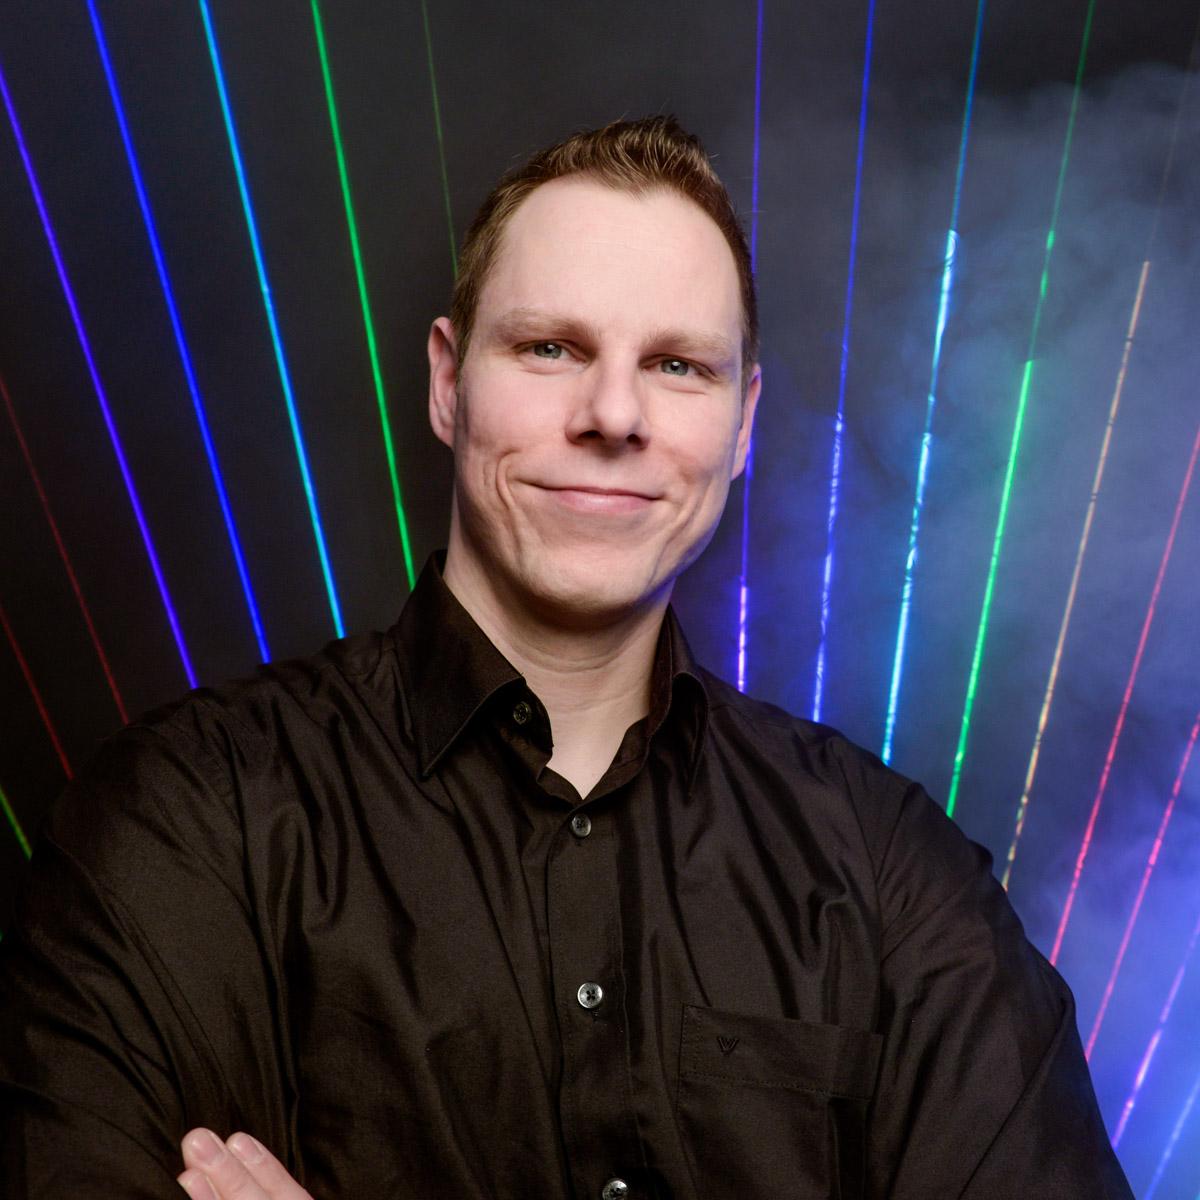 Lasershow |Lichtshow |Beamshow |Laser |Patrick |Heinrich |Technik |Hochzeit |Event |Lichtshow |Lightshow |Indoor |Lichttechnik |Outdoor |Bühnenshow |Präsentation |Event |Business |Mieten